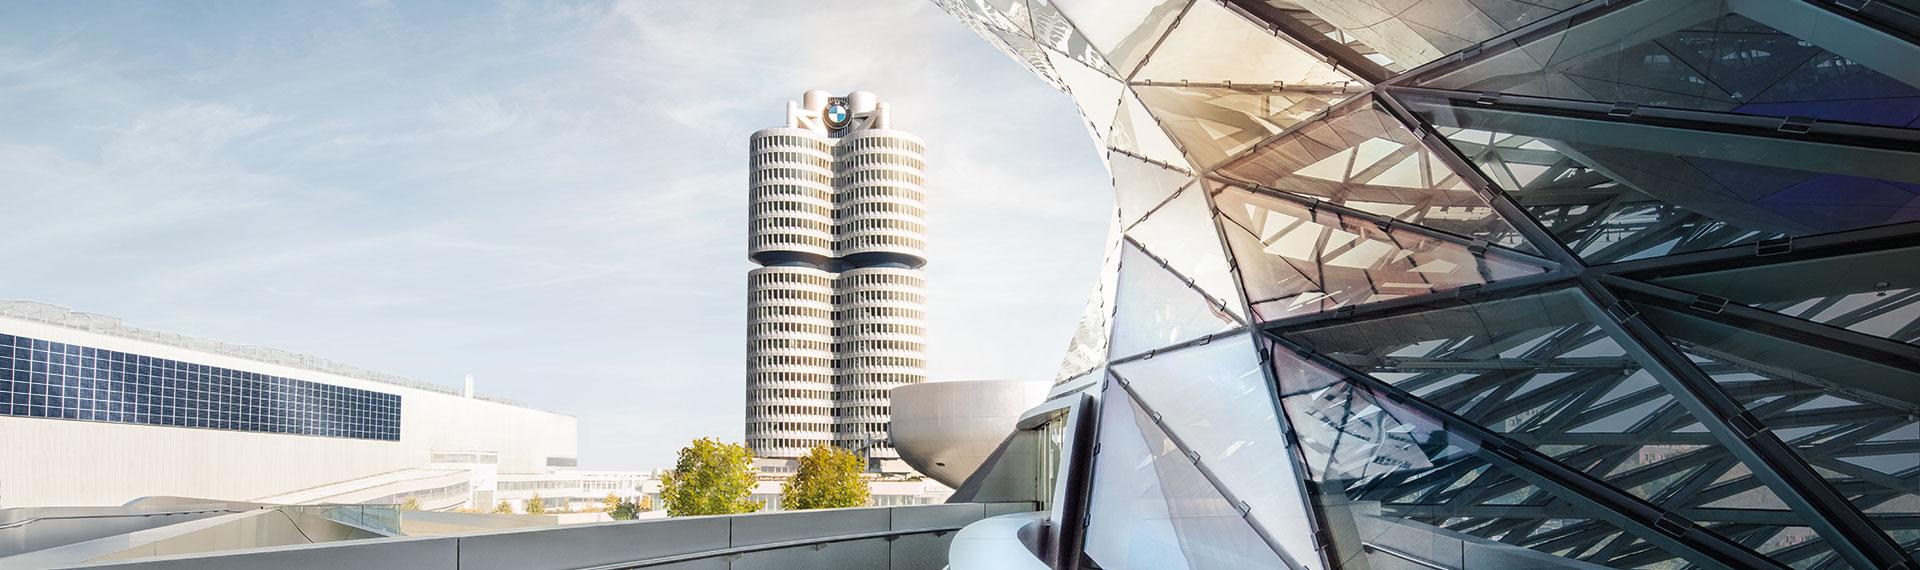 BMW HQ in Munich